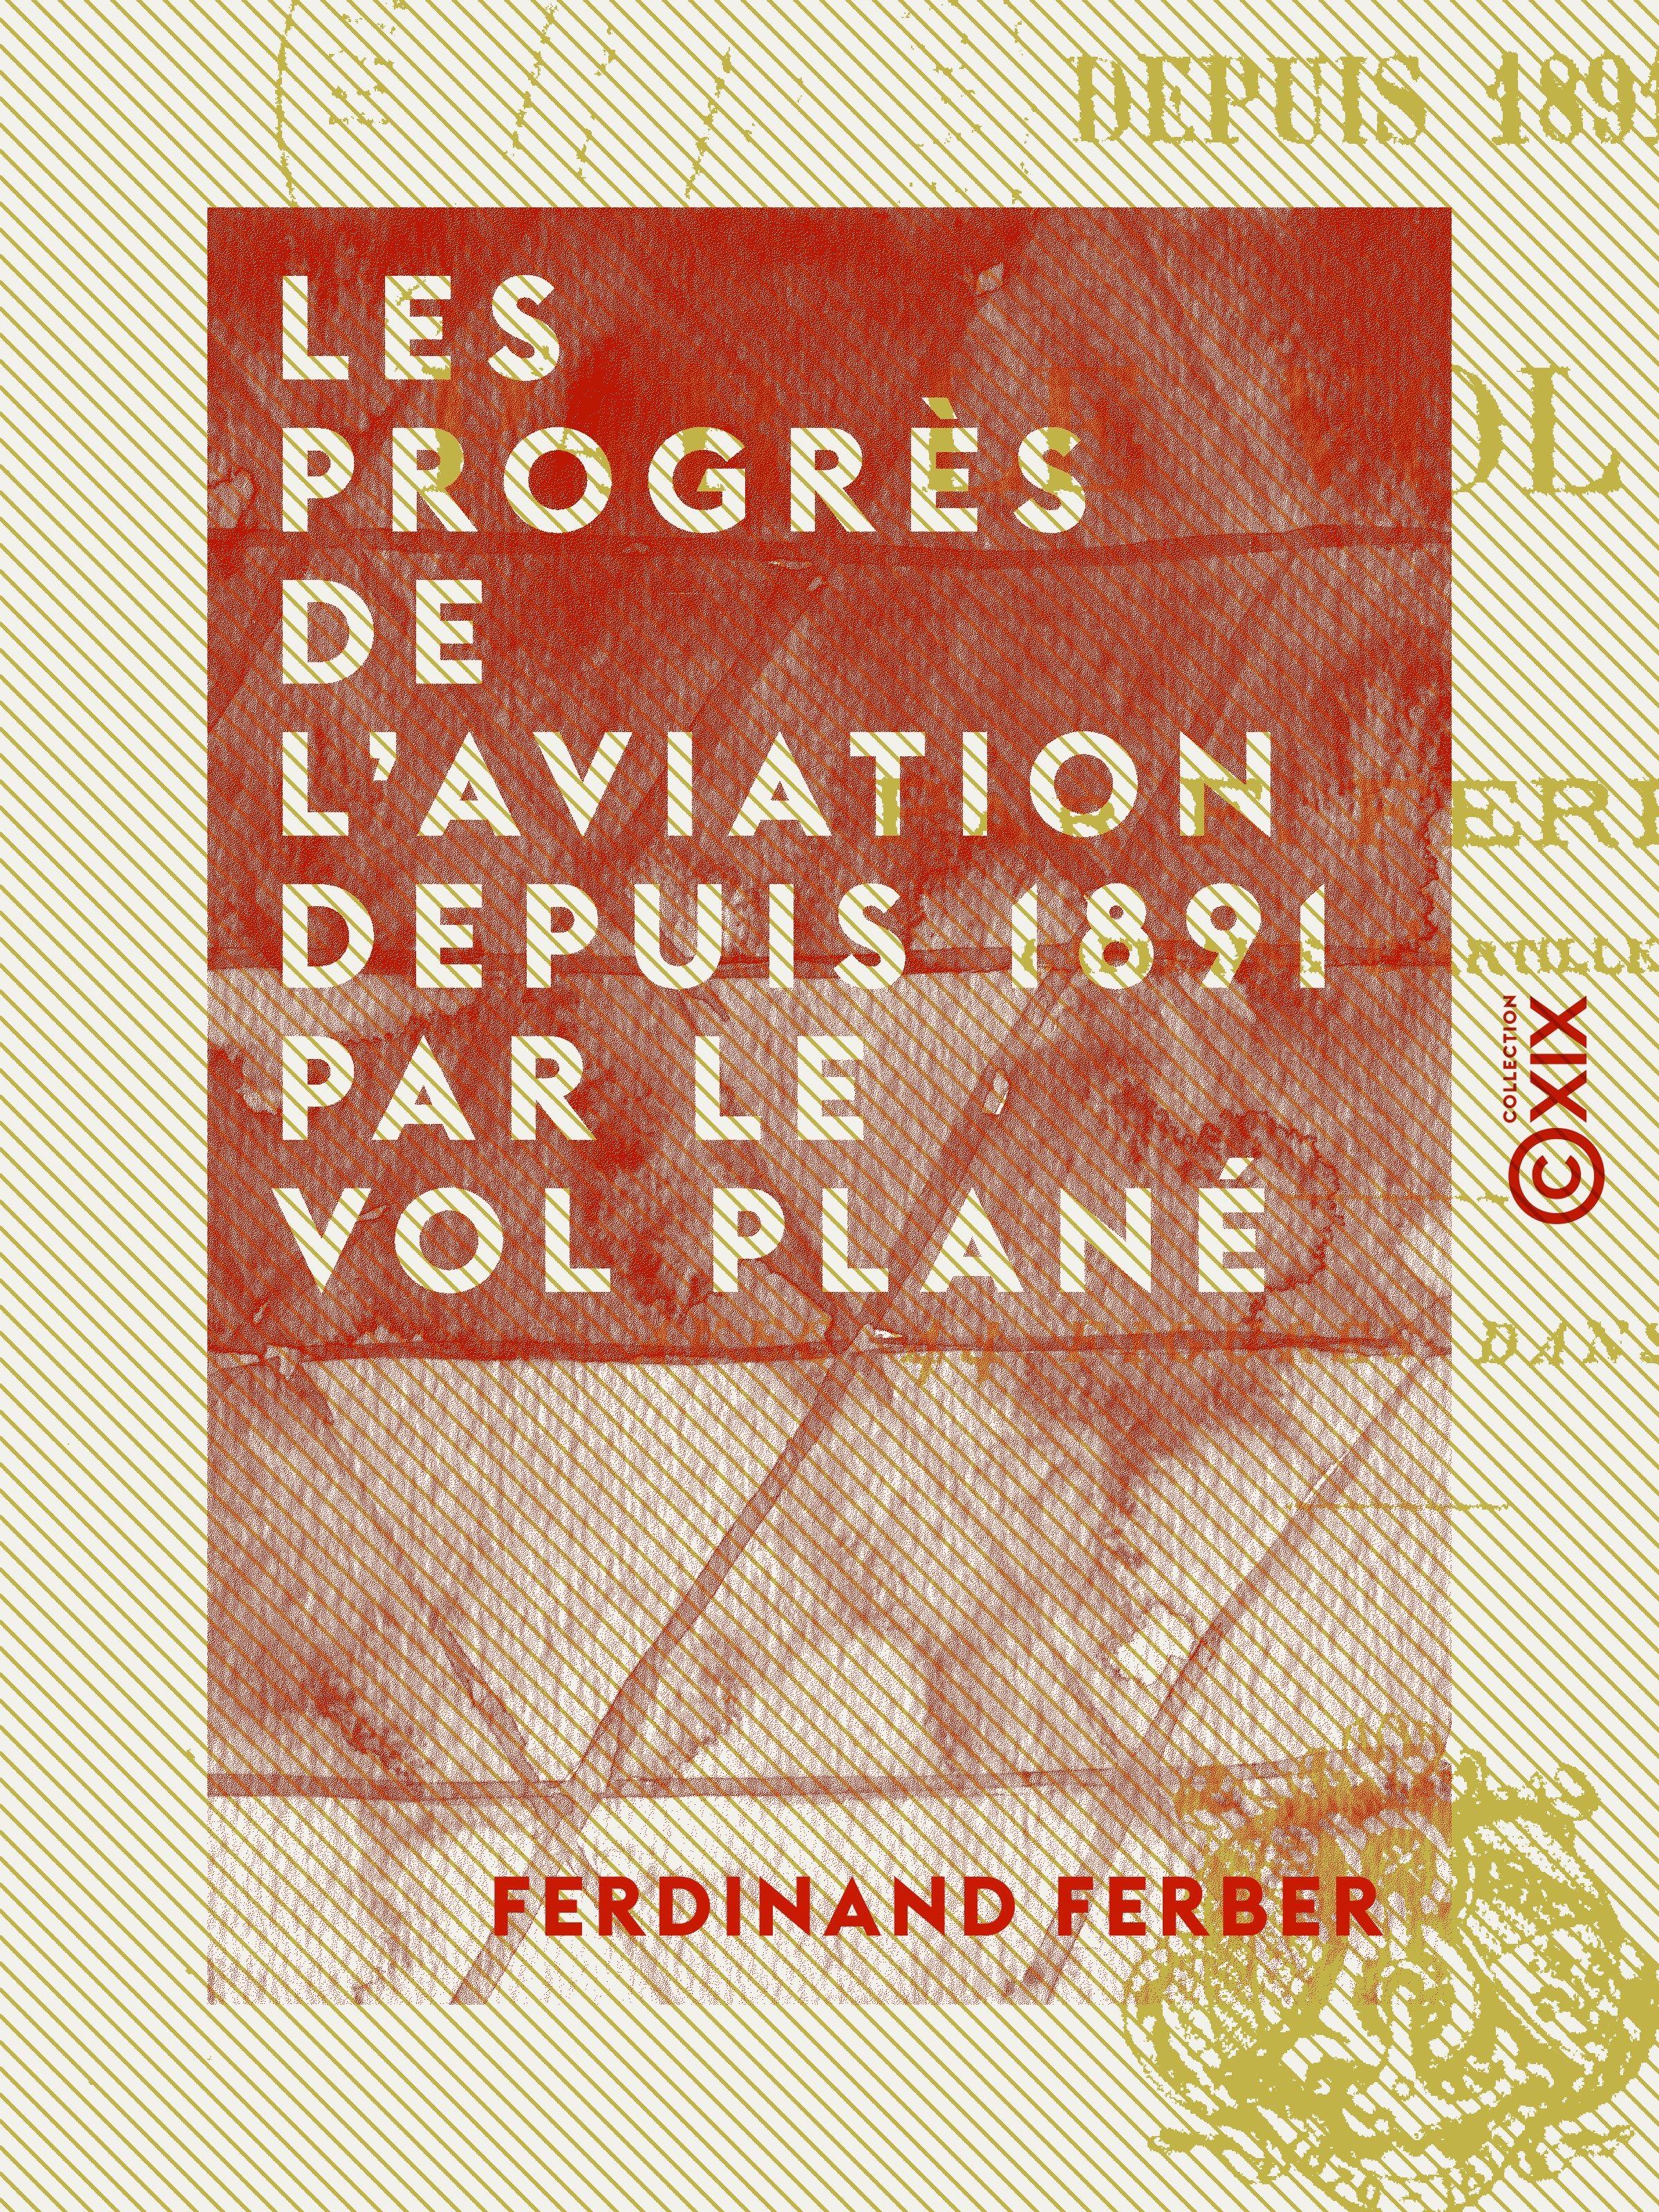 Les Progrès de l'aviation depuis 1891 par le vol plané